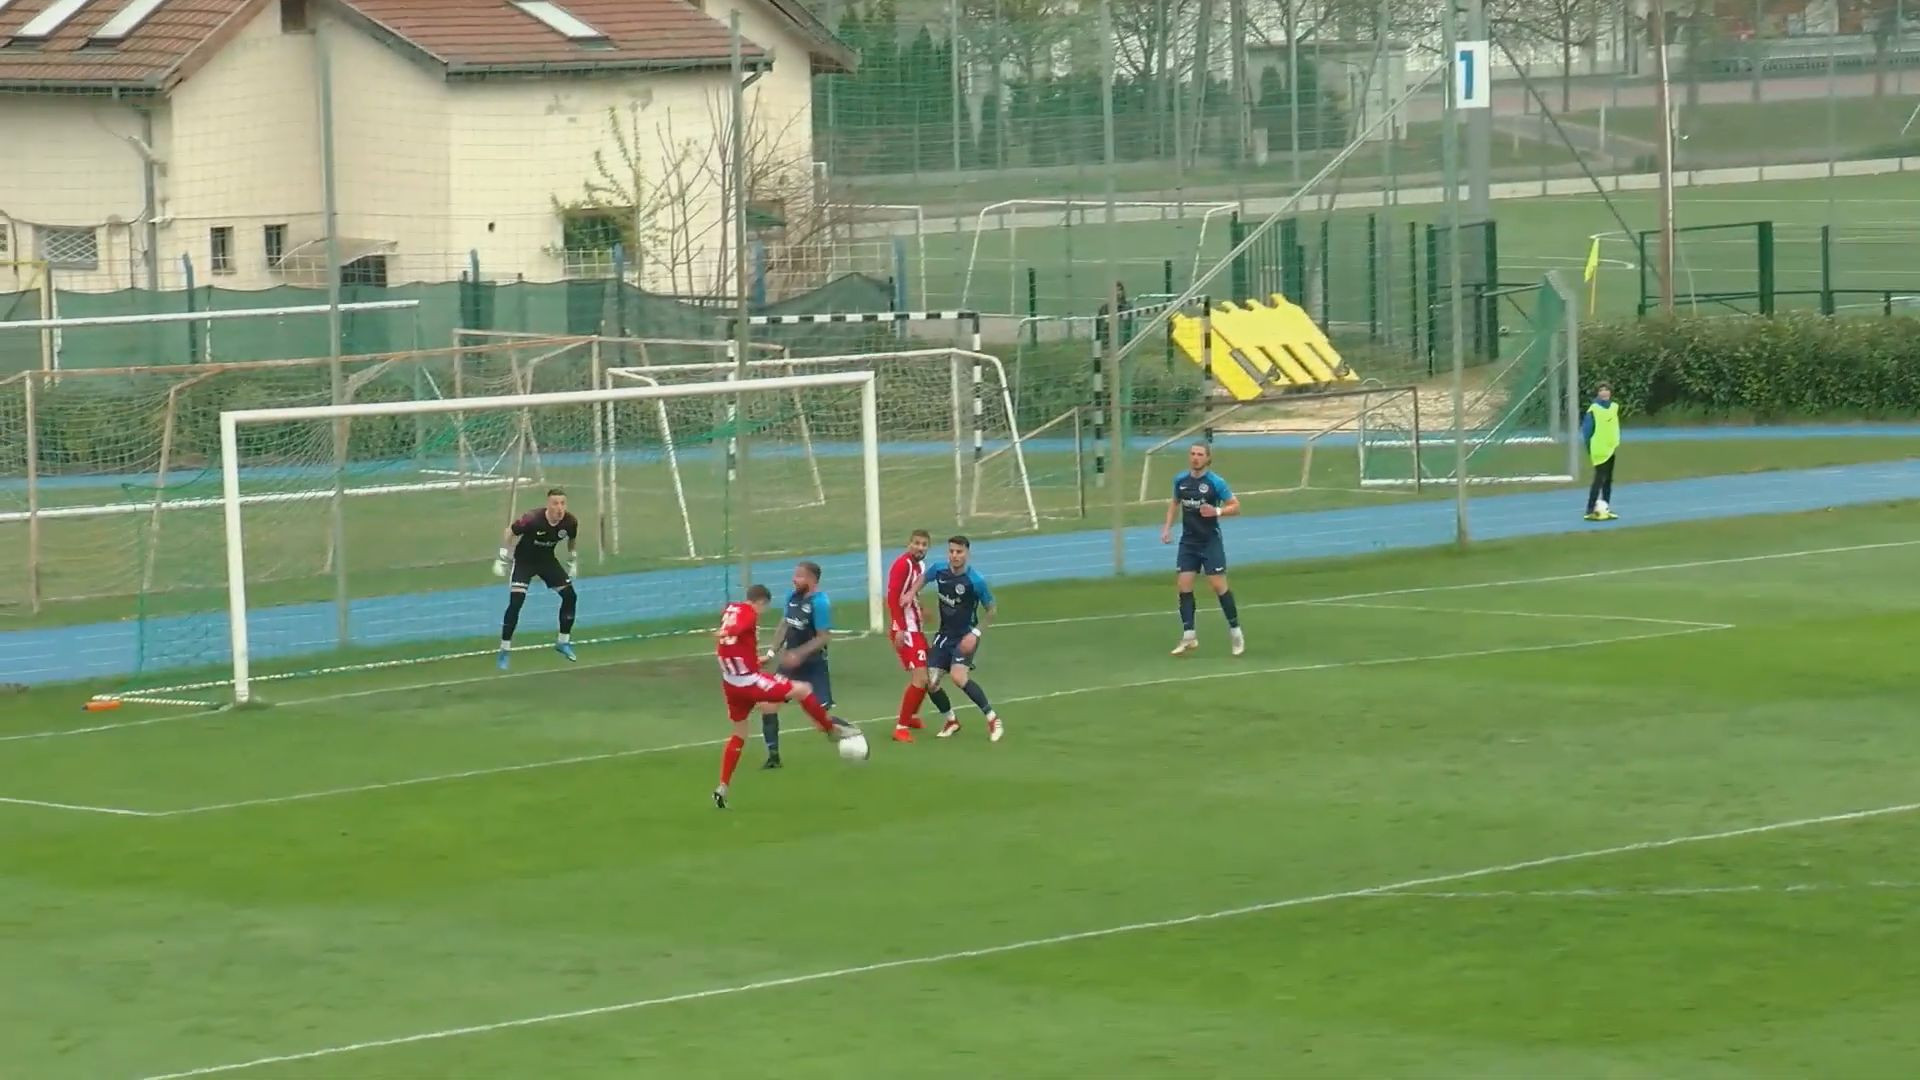 III.ker TVE - BFC bajnoki labdarúgó mérkőzés összefoglaló